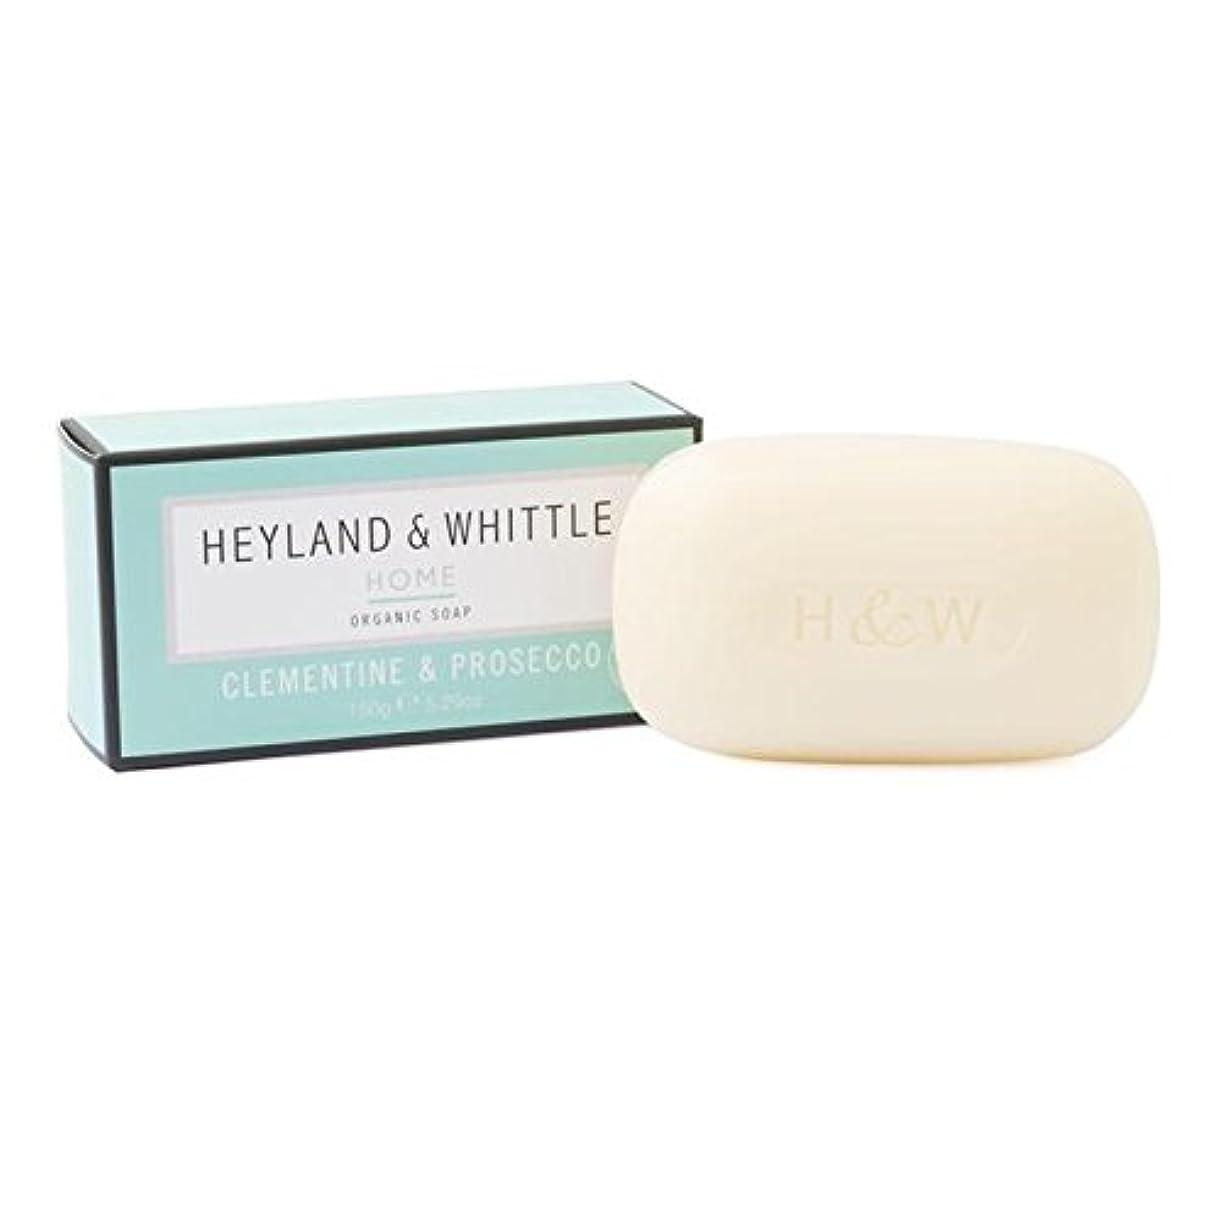 カメラ判読できない水星&削るホームクレメンタイン&プロセッコ有機石鹸150グラム x4 - Heyland & Whittle Home Clementine & Prosecco Organic Soap 150g (Pack of 4) [並行輸入品]